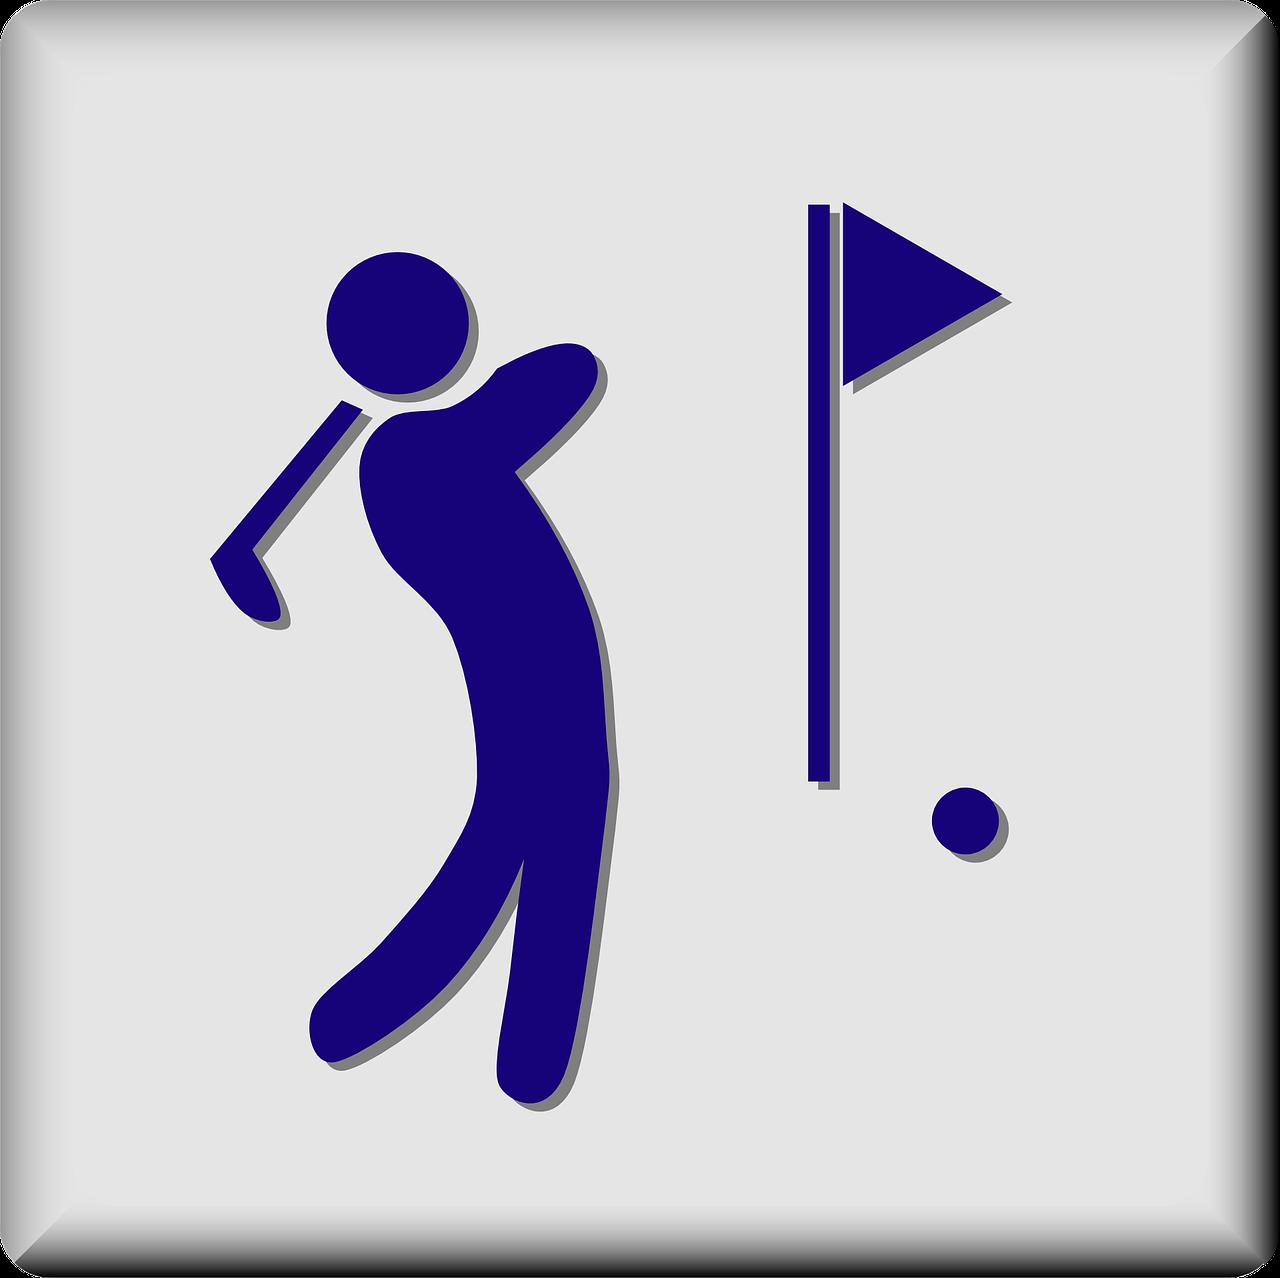 łokieć golfisty